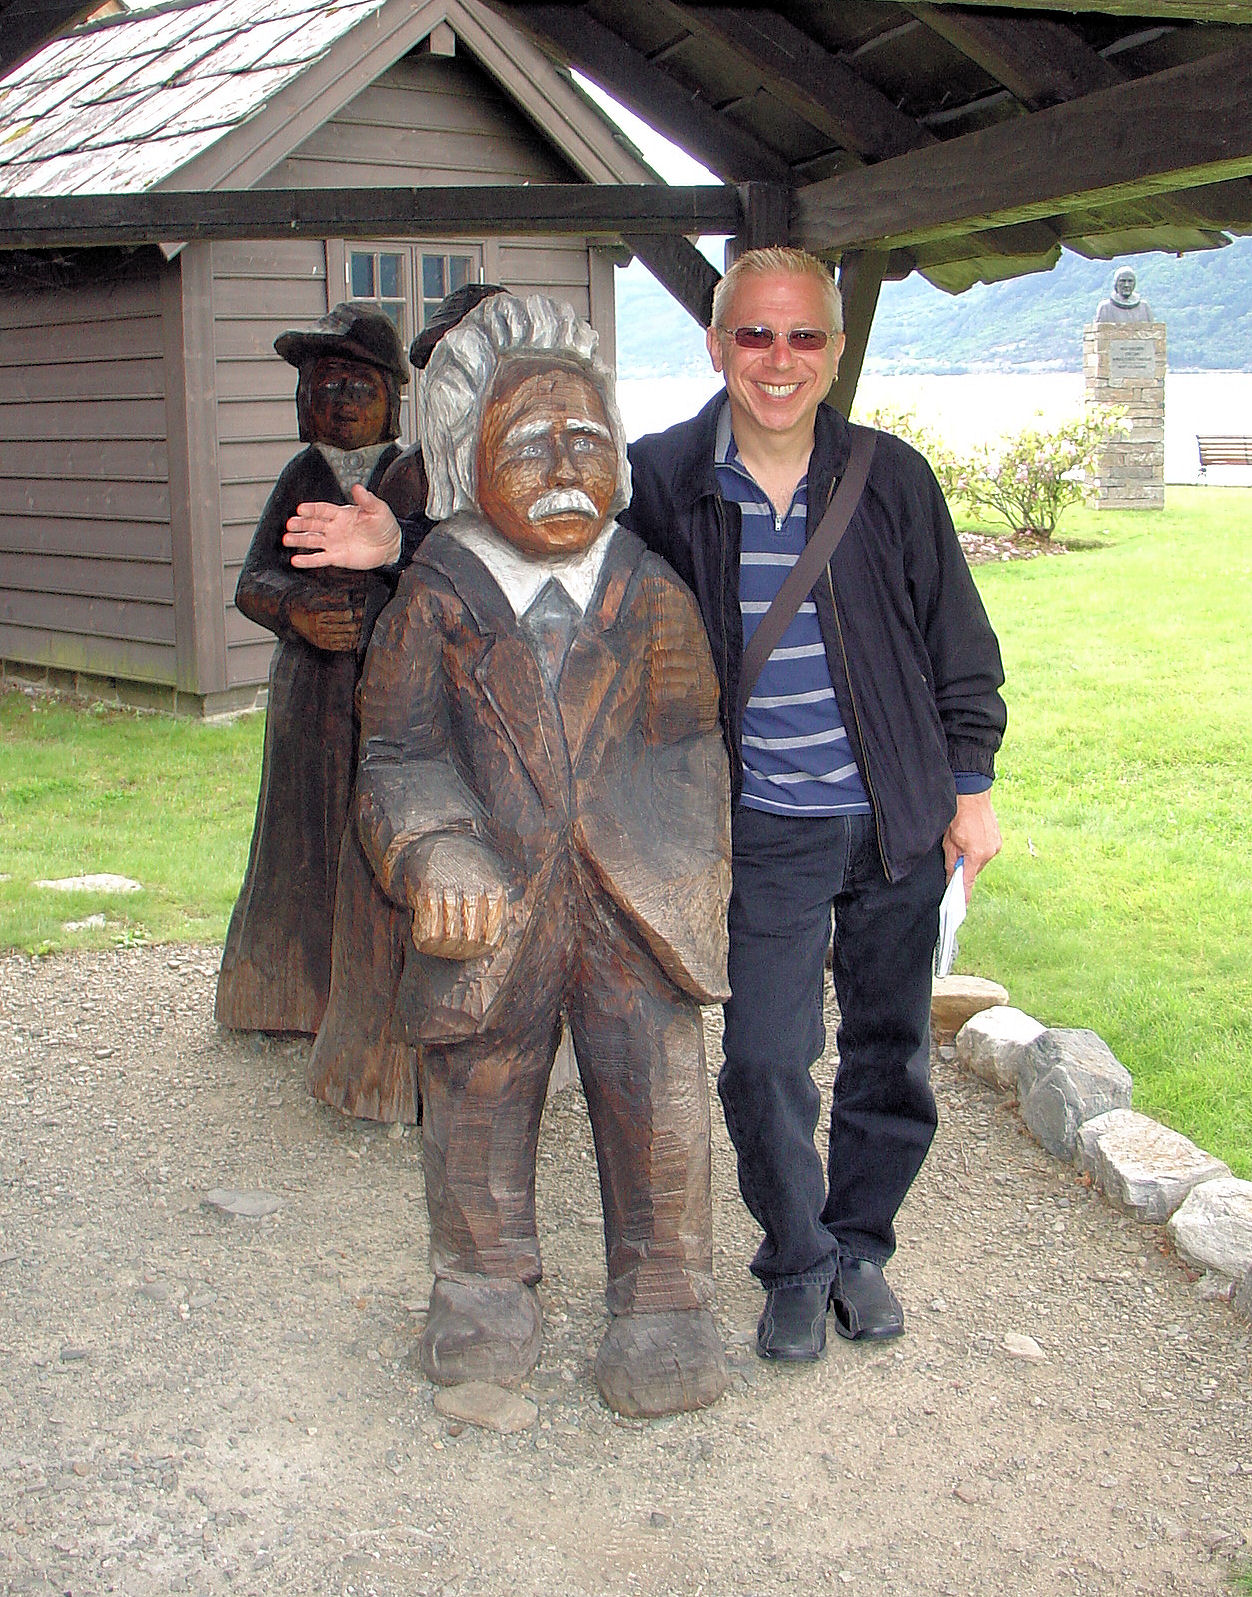 Me and El Maestro Grieg.